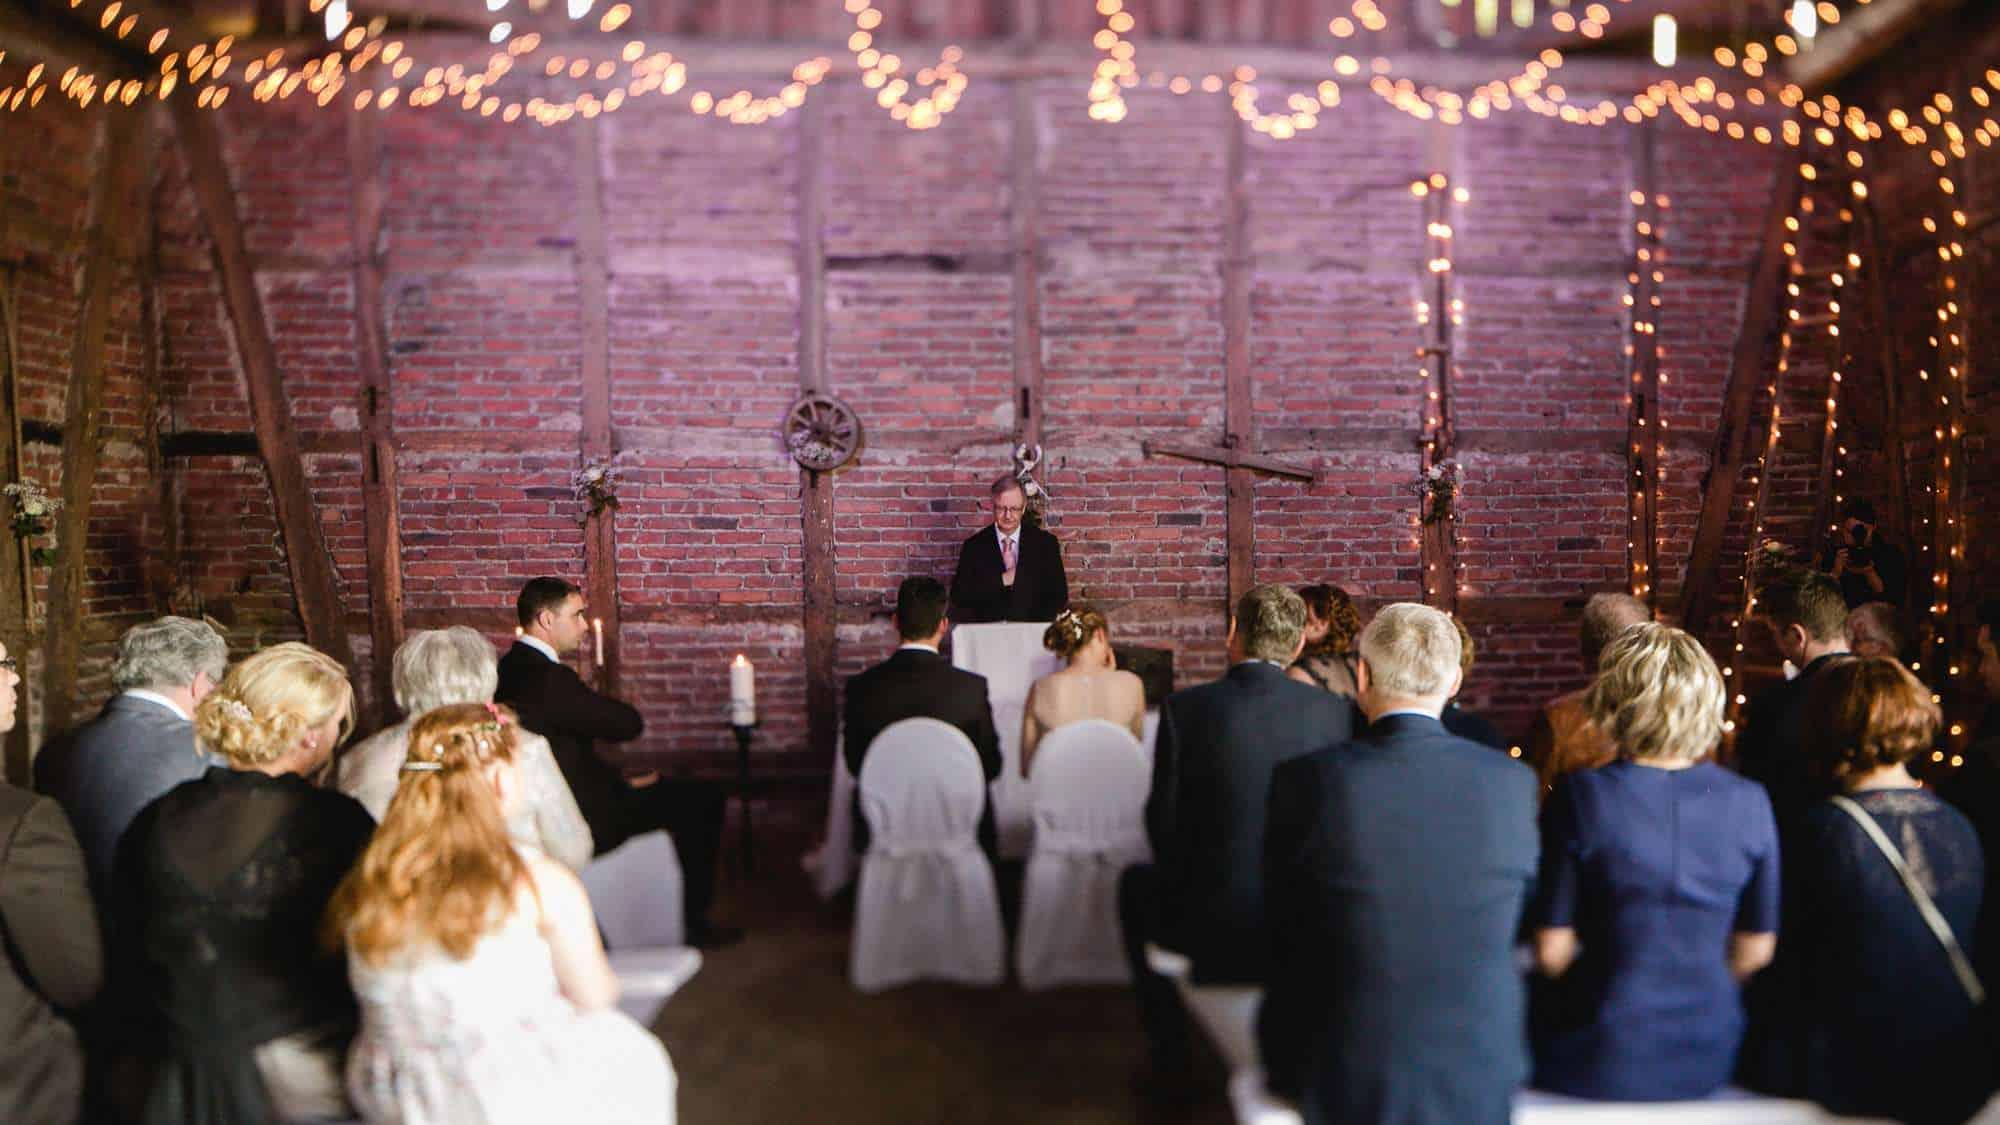 Freie Hochzeitszeremonie als vintage Hochzeit im Sauerland, Hagen, Olpe, Siegen, Nordrhein-Westfalen